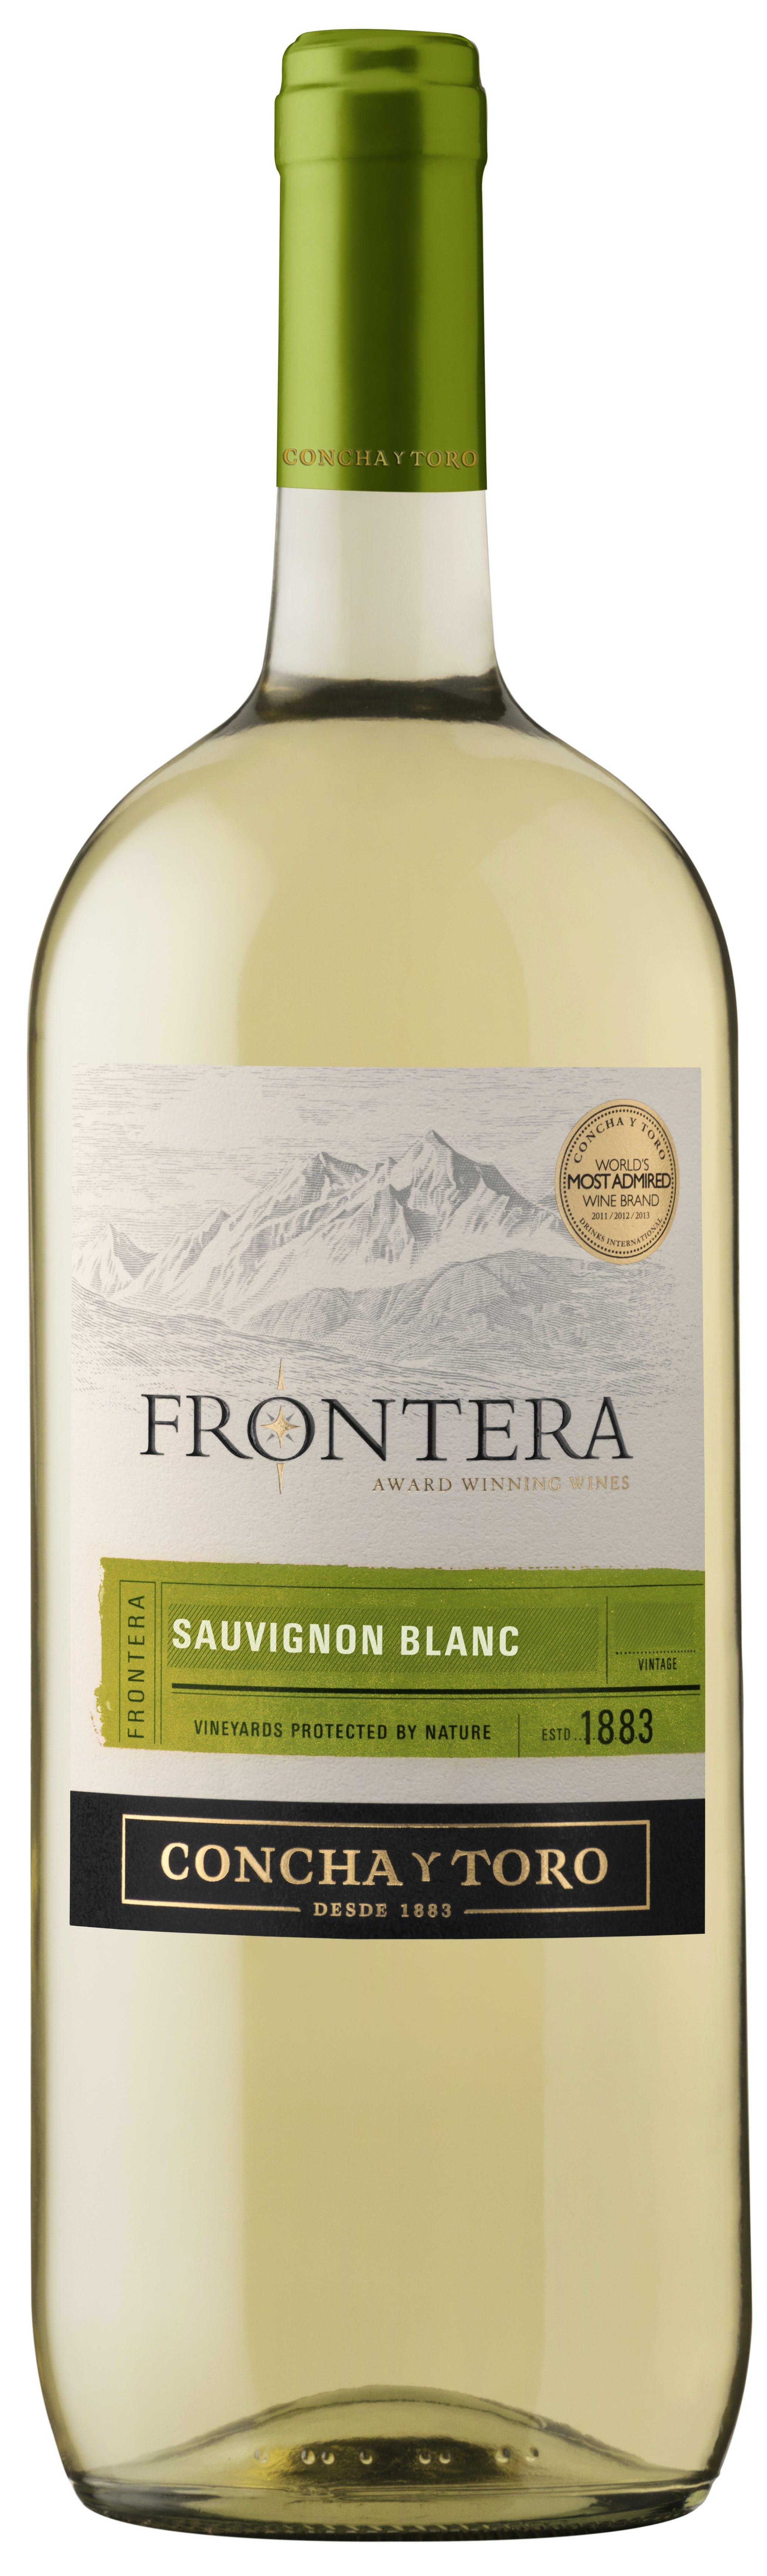 Concha Y Toro Frontera Sauvignon Blanc 2017 15L